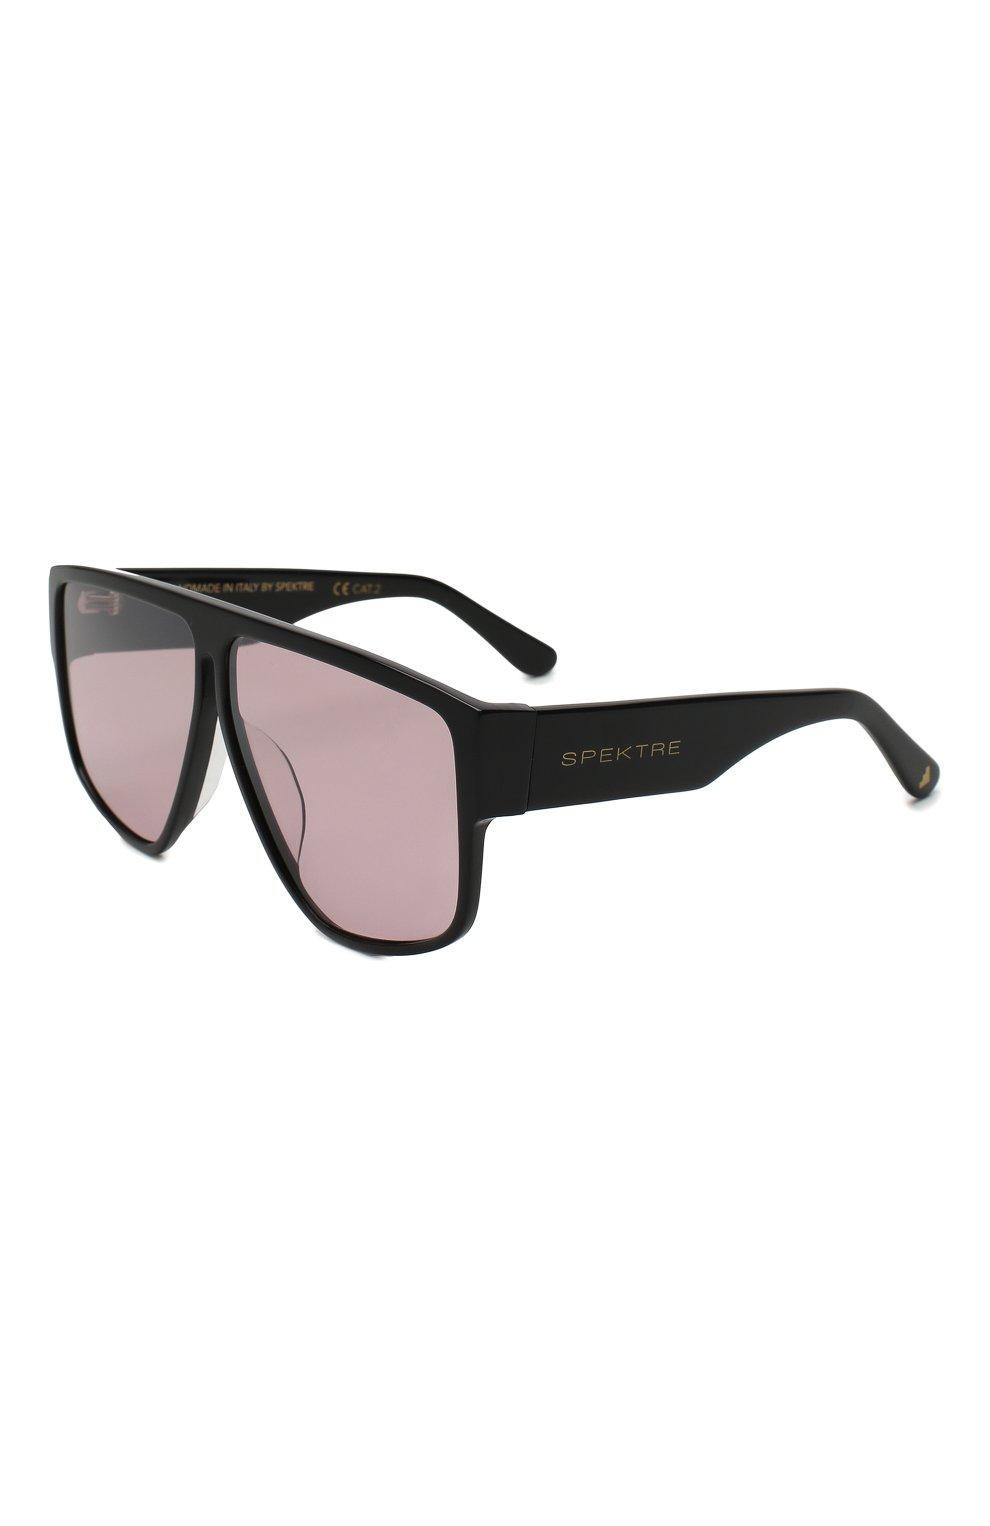 Женские солнцезащитные очки SPEKTRE темно-розового цвета, арт. LAURENT 01BFT | Фото 1 (Тип очков: С/з; Статус проверки: Проверено, Проверена категория; Очки форма: Маска, D-форма; Оптика Гендер: оптика-женское)